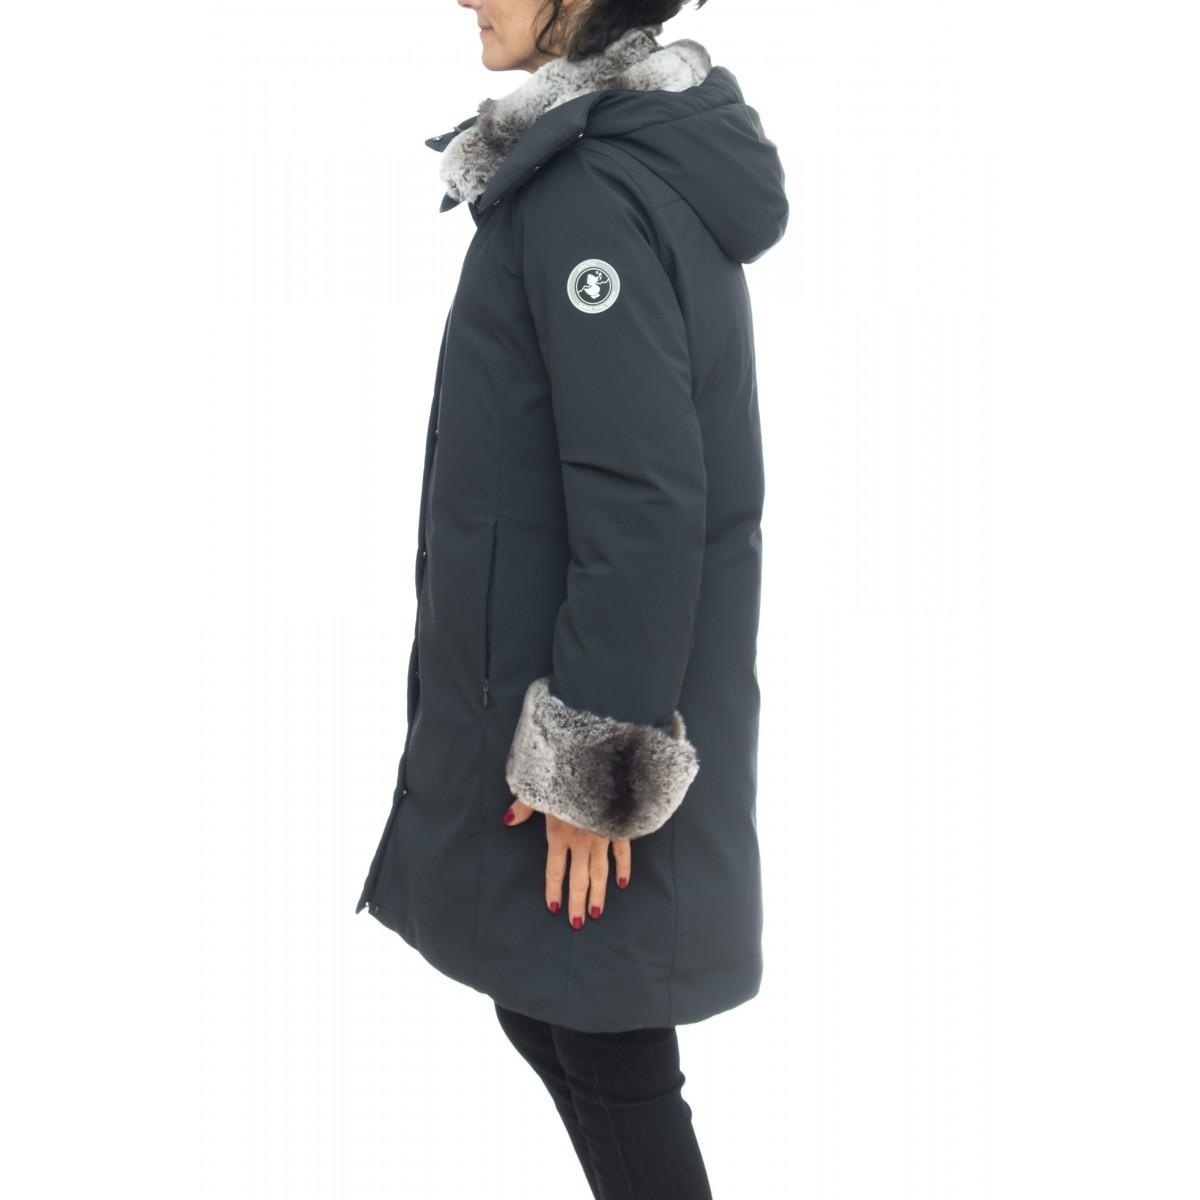 Piumino - P4280w smeg9 cappottino artic con pelo